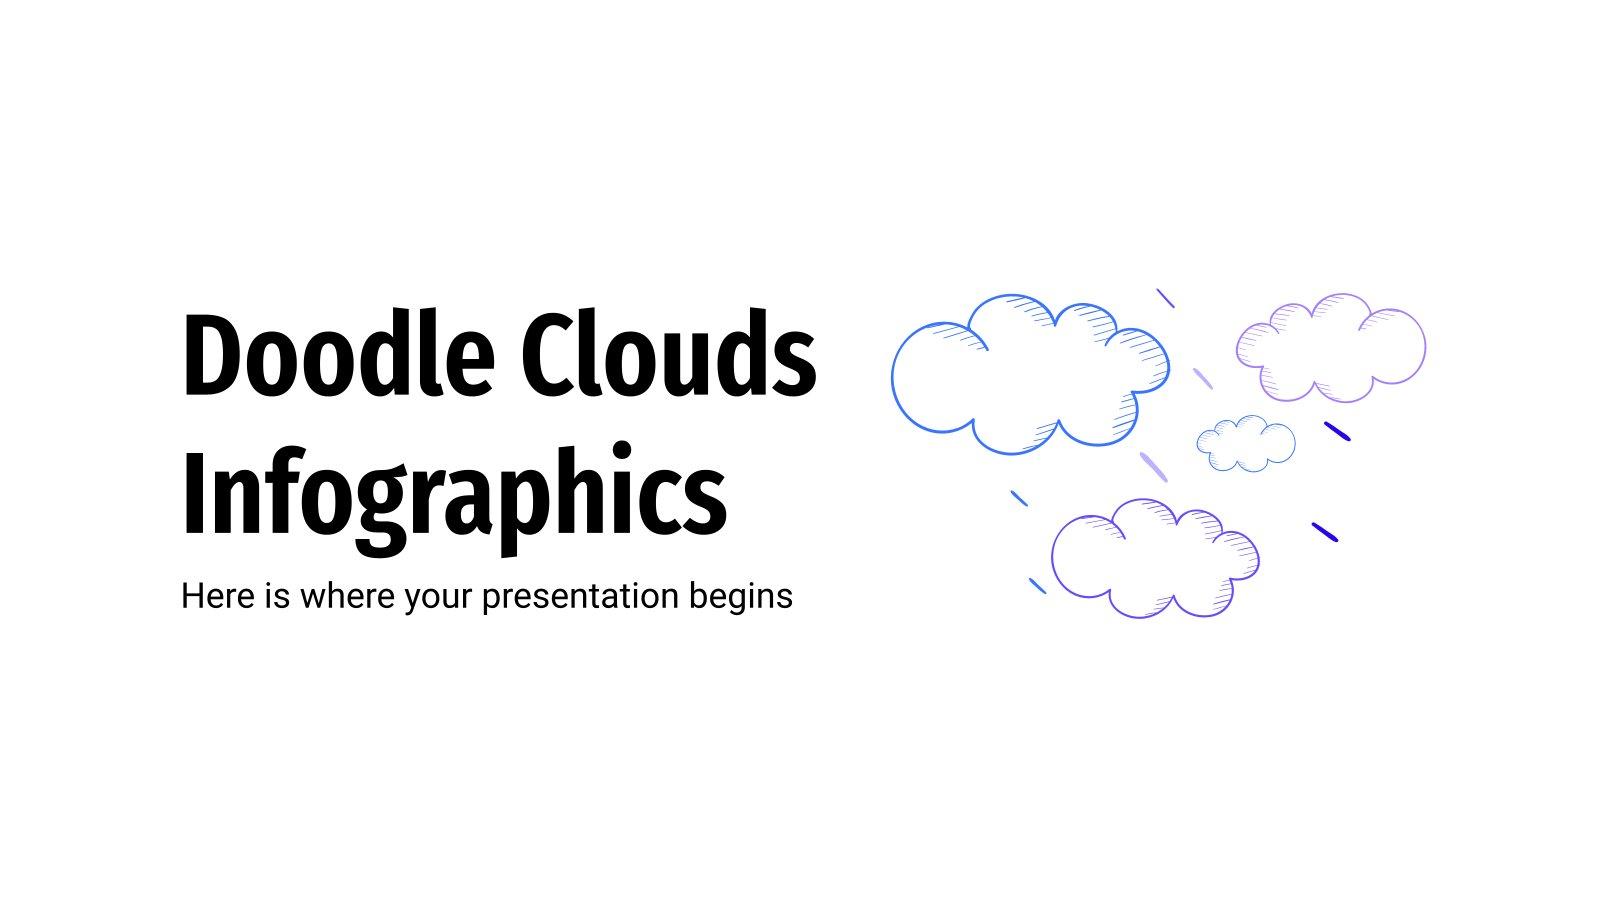 Modelo de apresentação Infográficos de nuvens com rabiscos